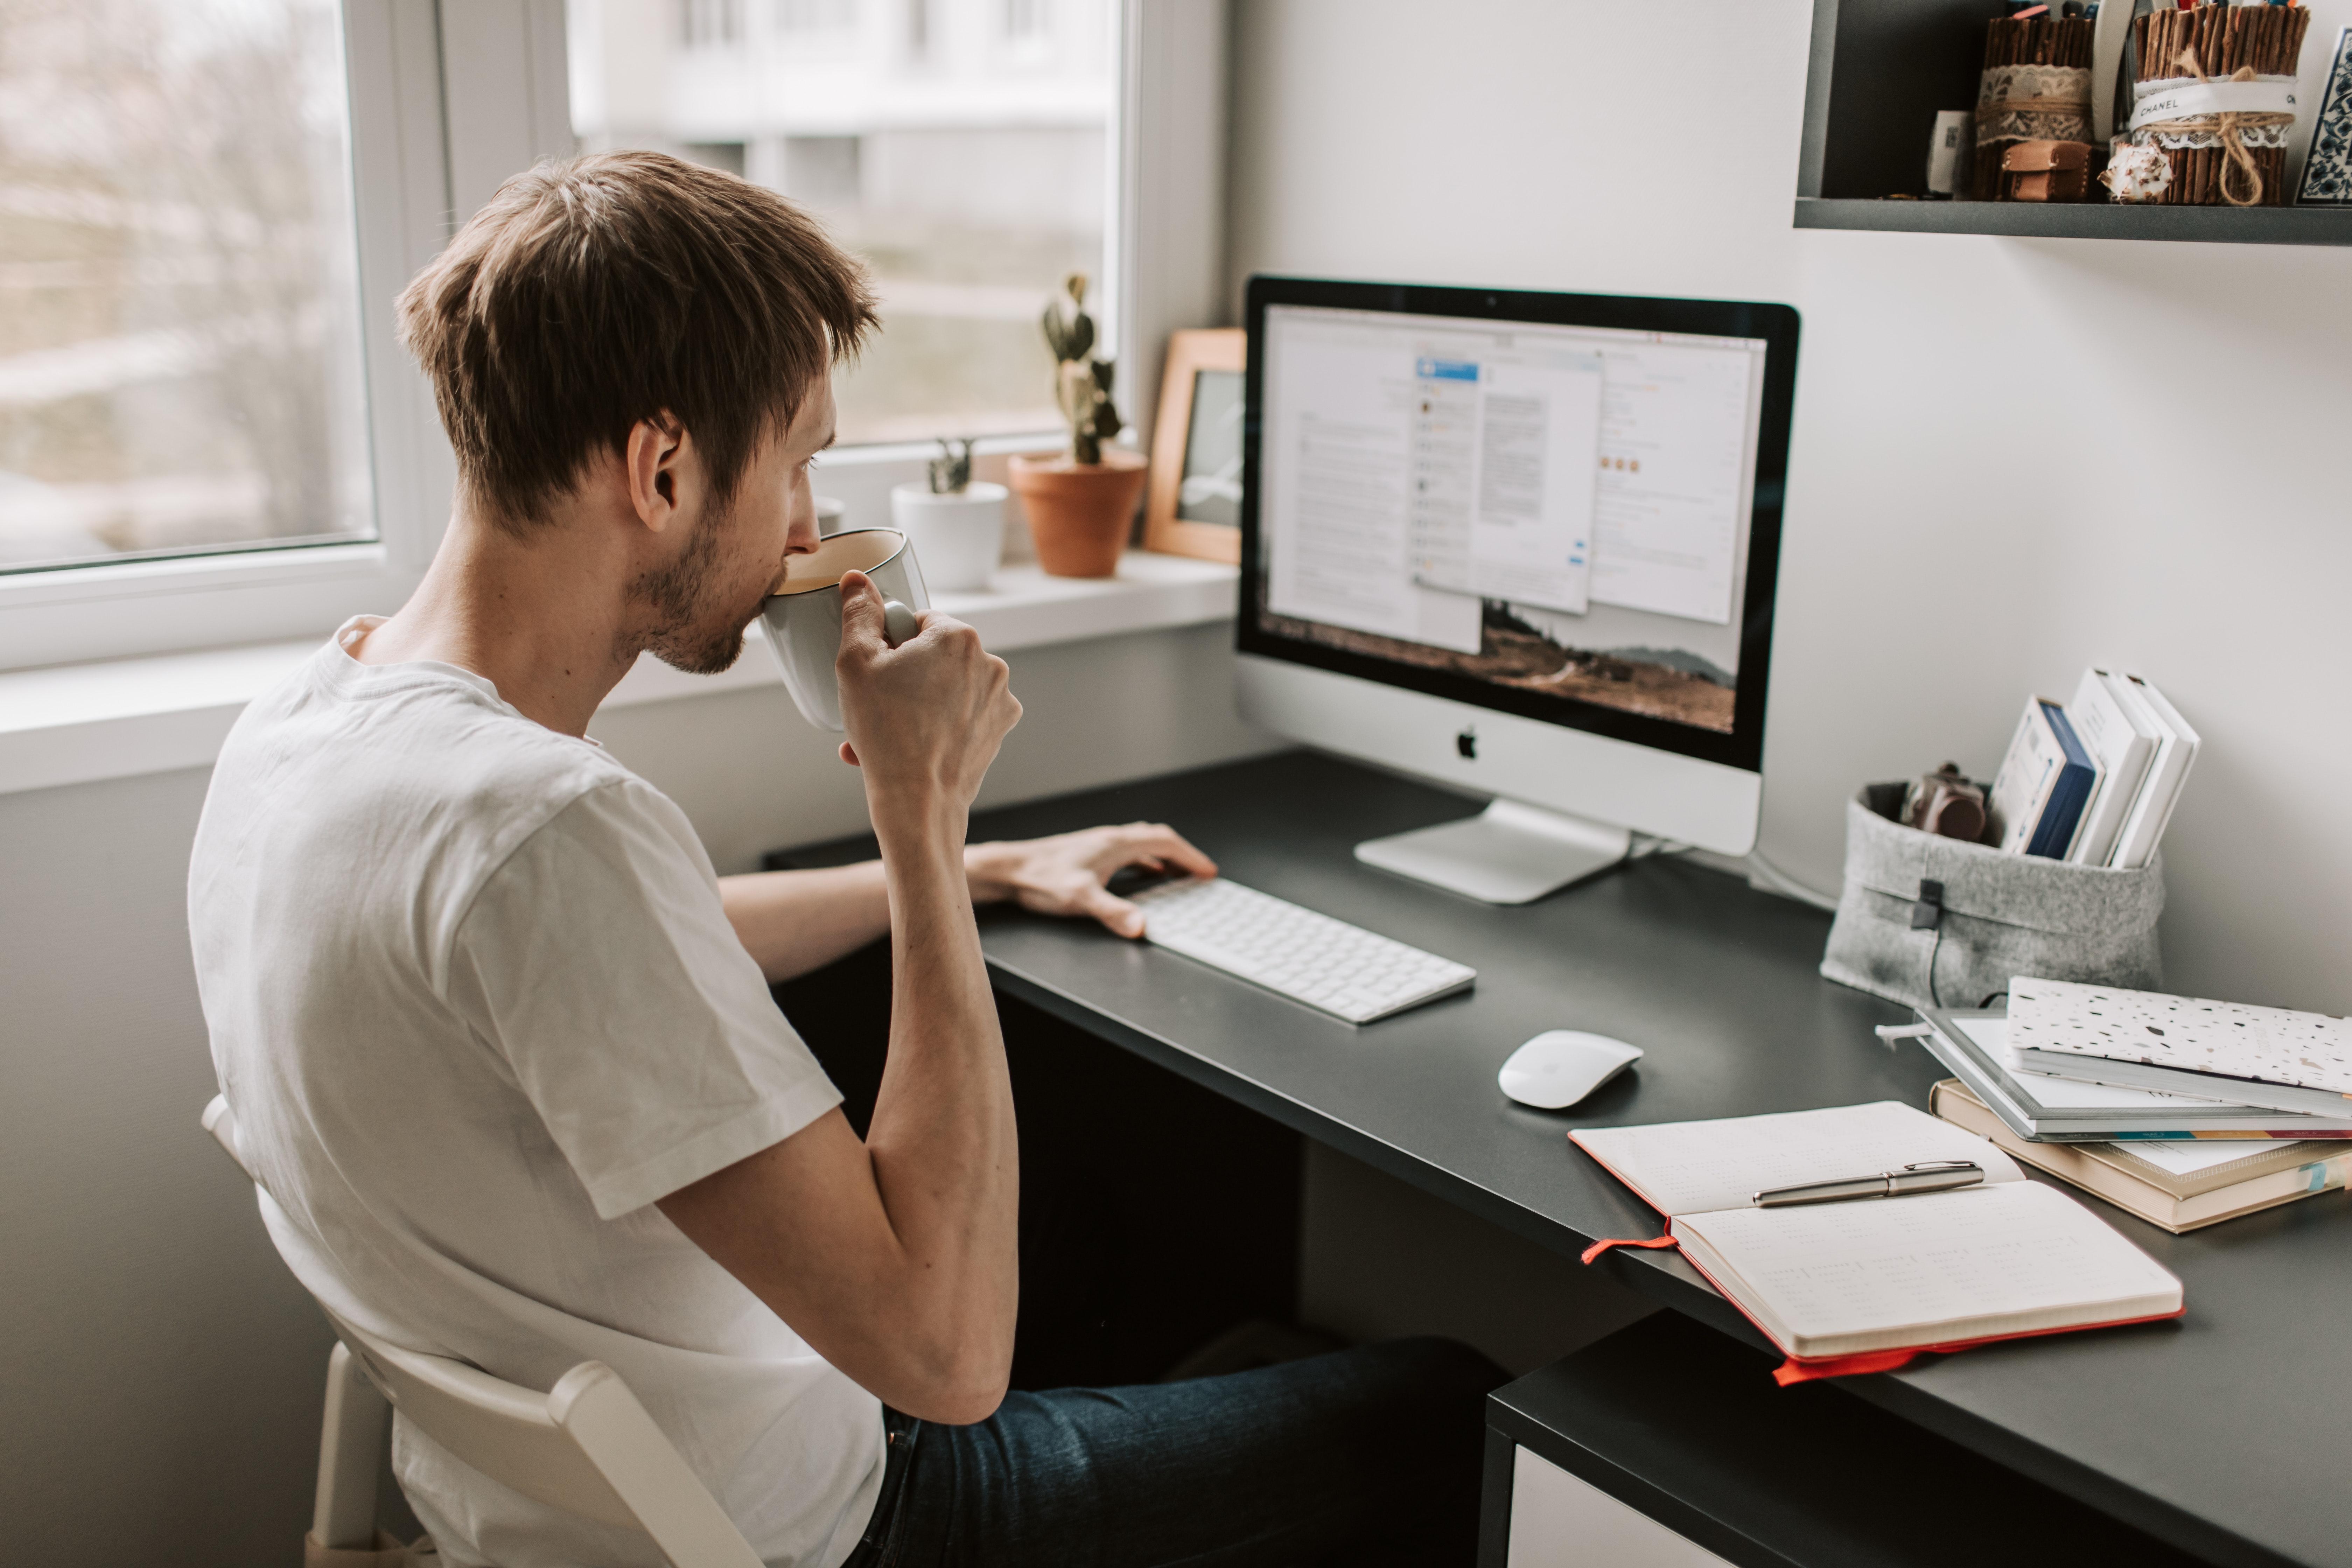 Homme buvant son café devant son ordinateur